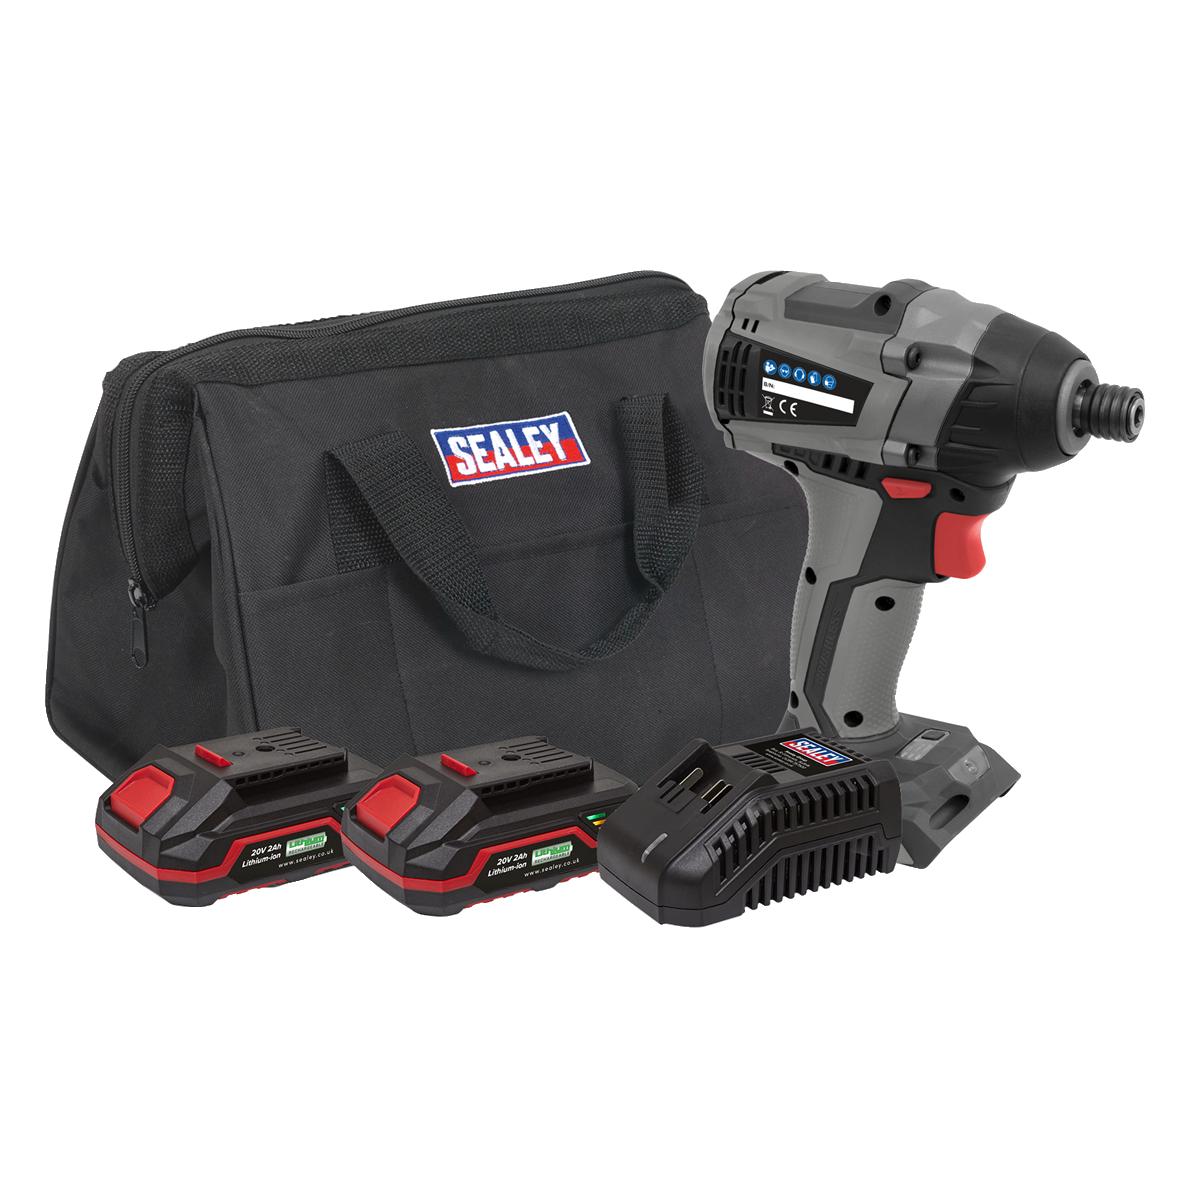 """Brushless Impact Driver Kit 1/4""""Hex 20V - 2 Batteries"""